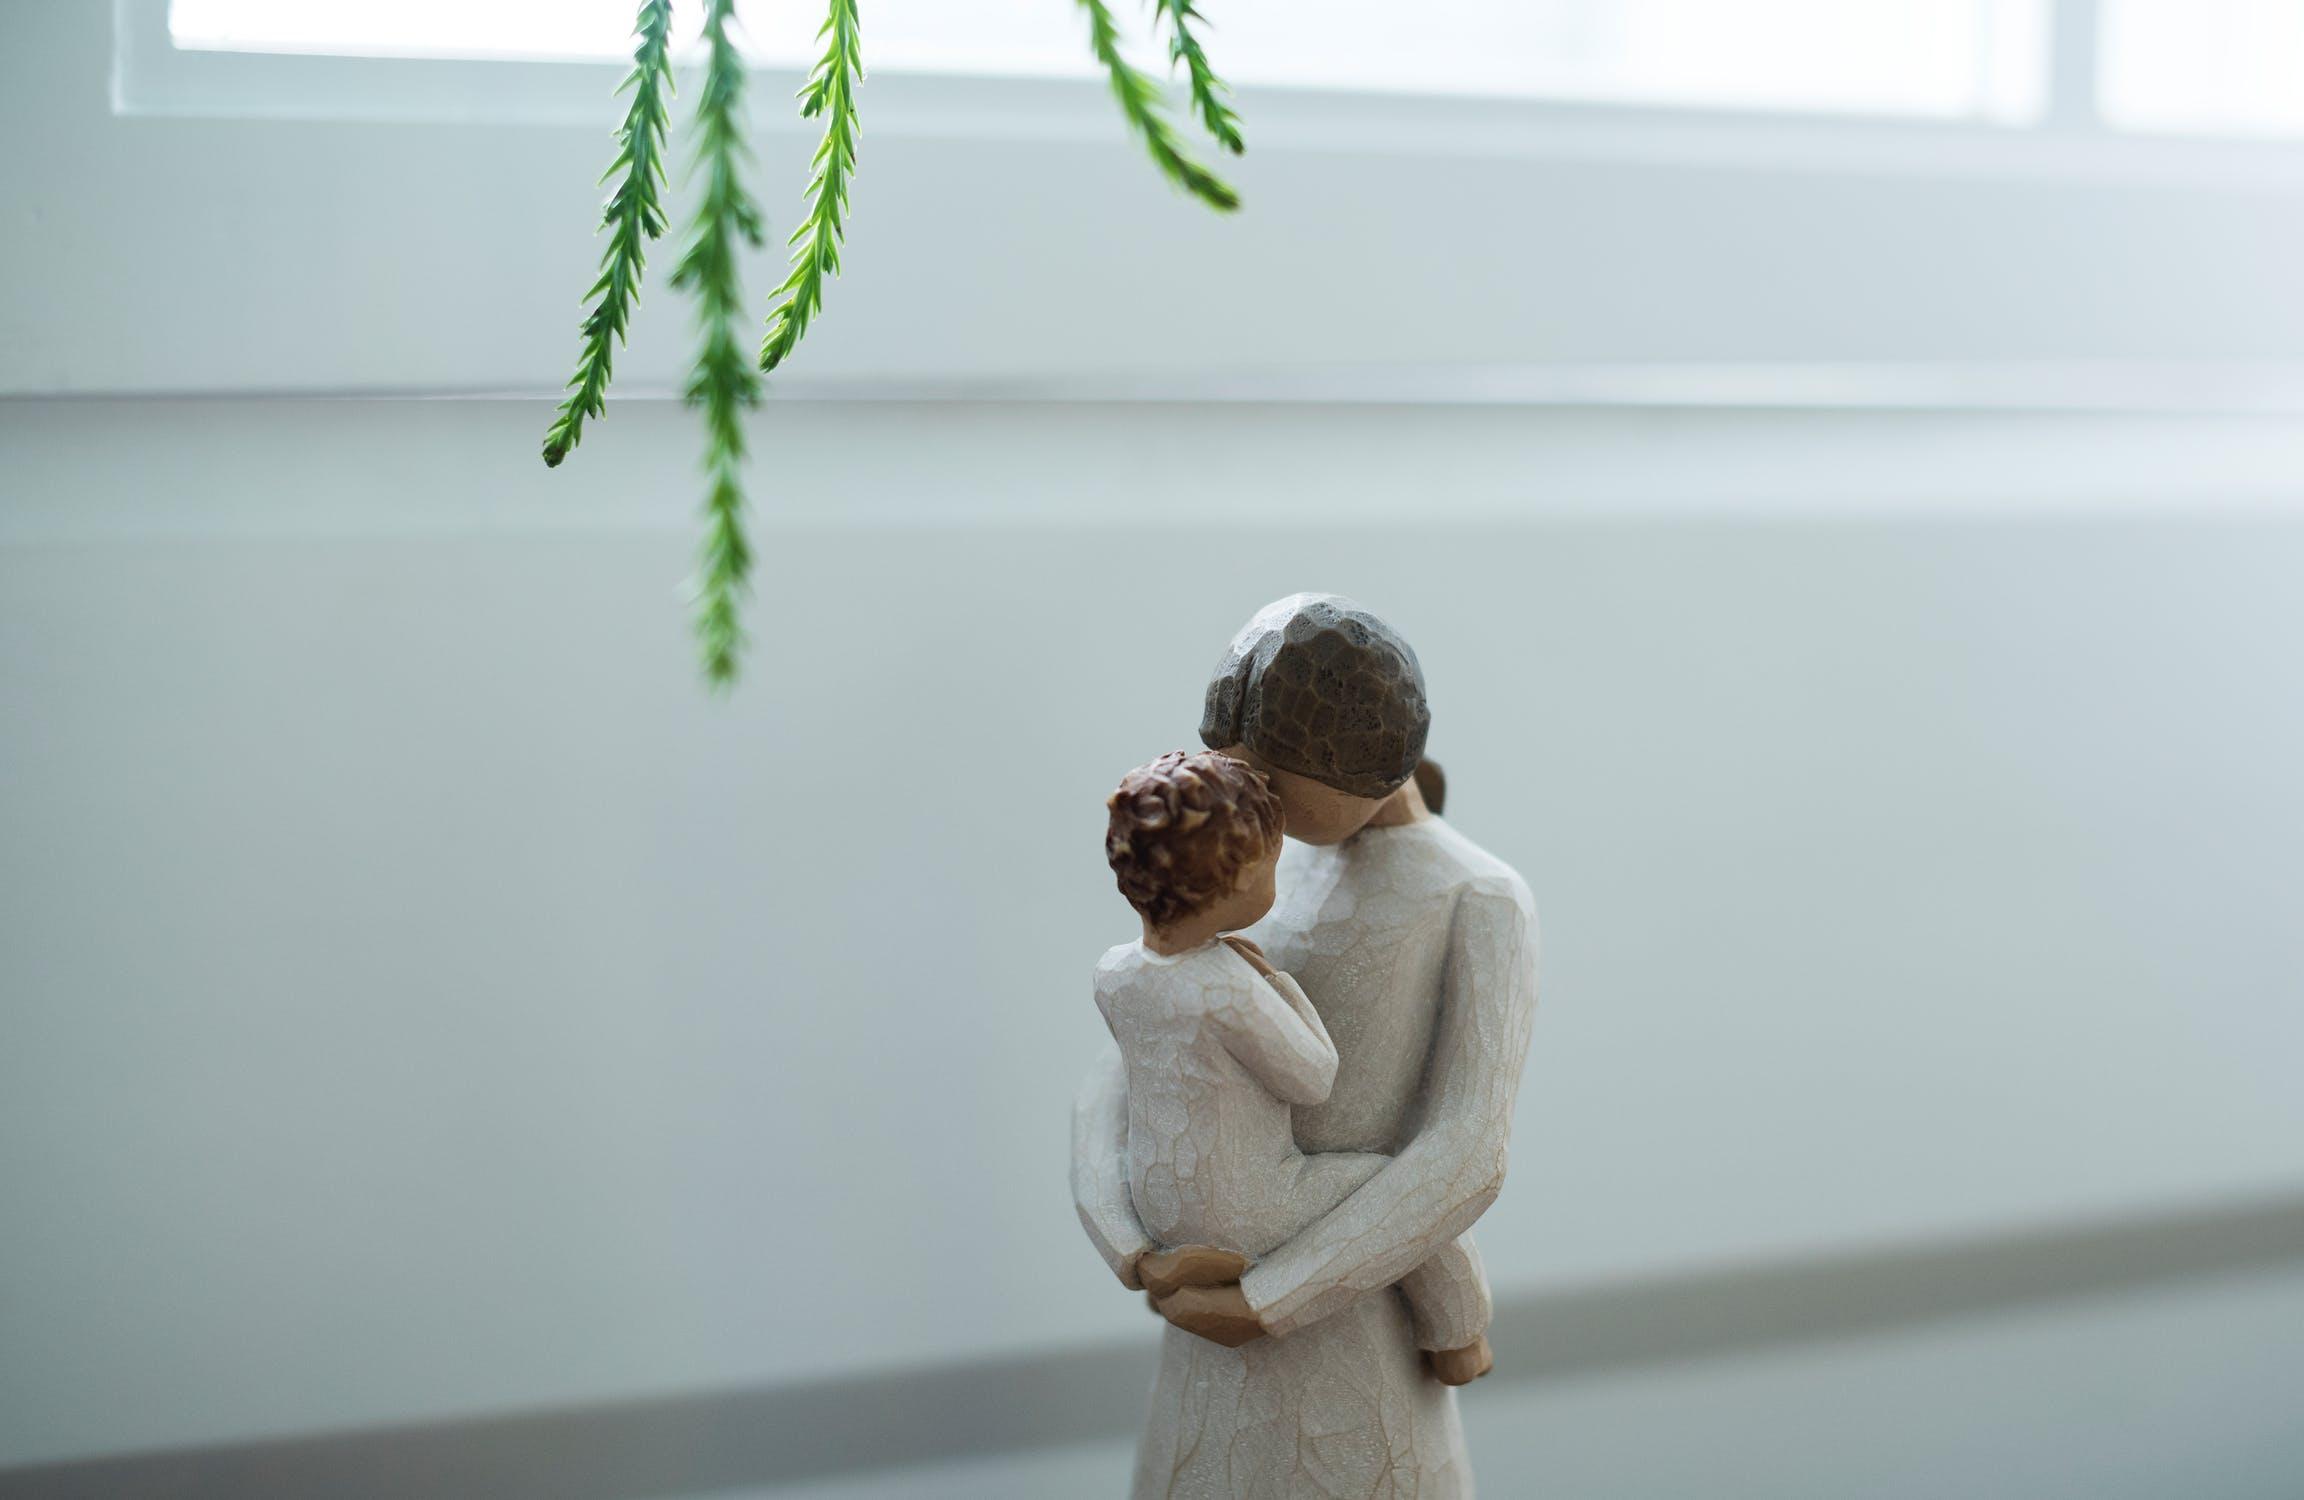 マインドフルネス・ハグ習慣で親も子どもも幸せになろう